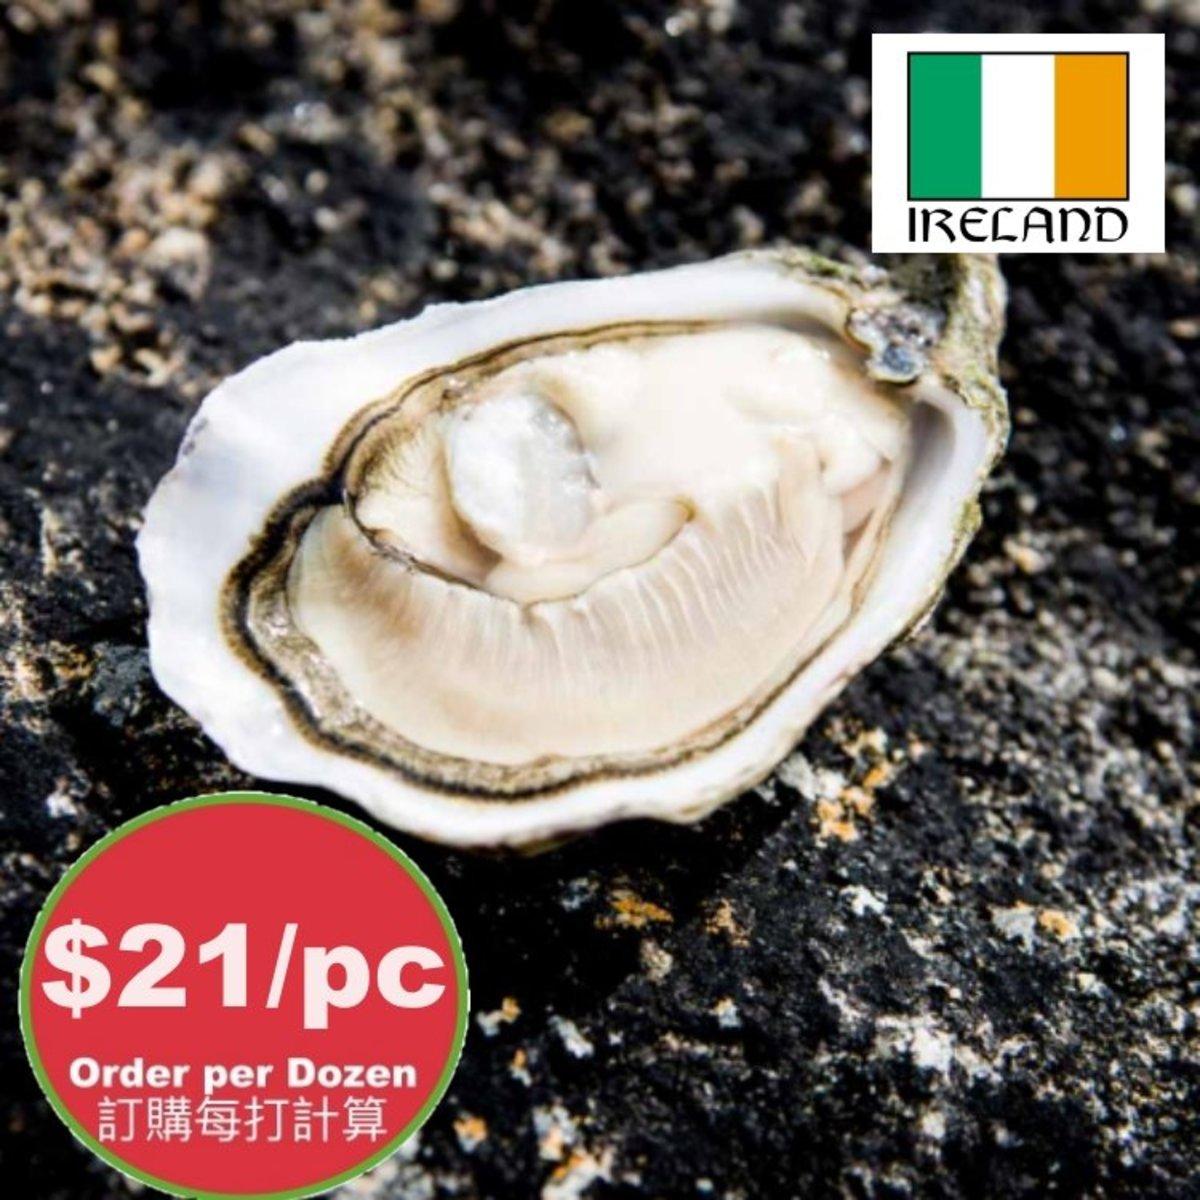 #1 愛爾蘭活蠔 - 大碼,每隻重110-130g。售價是以12隻計。